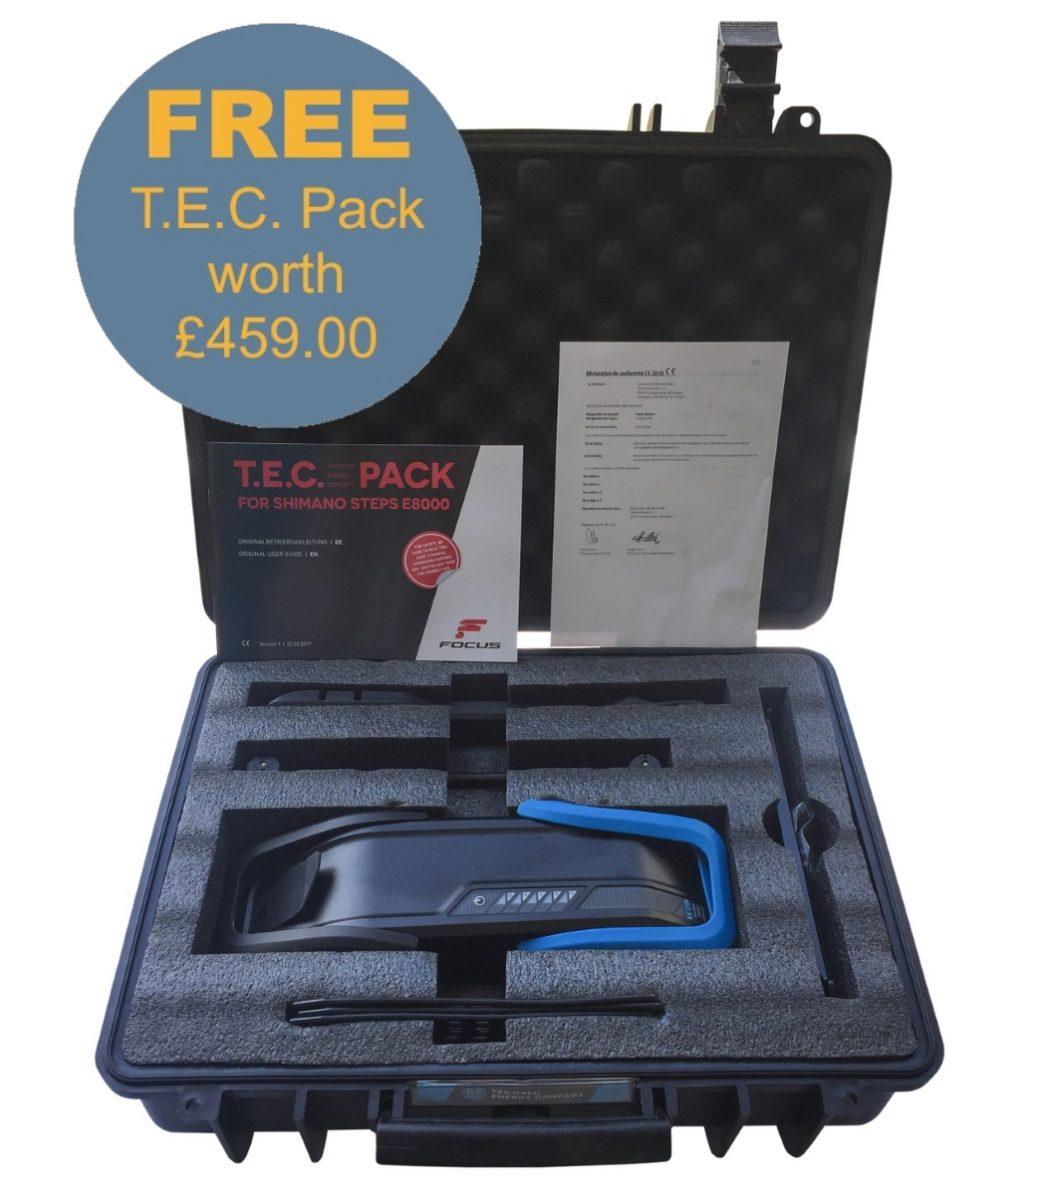 FREE TEC Pack Focus